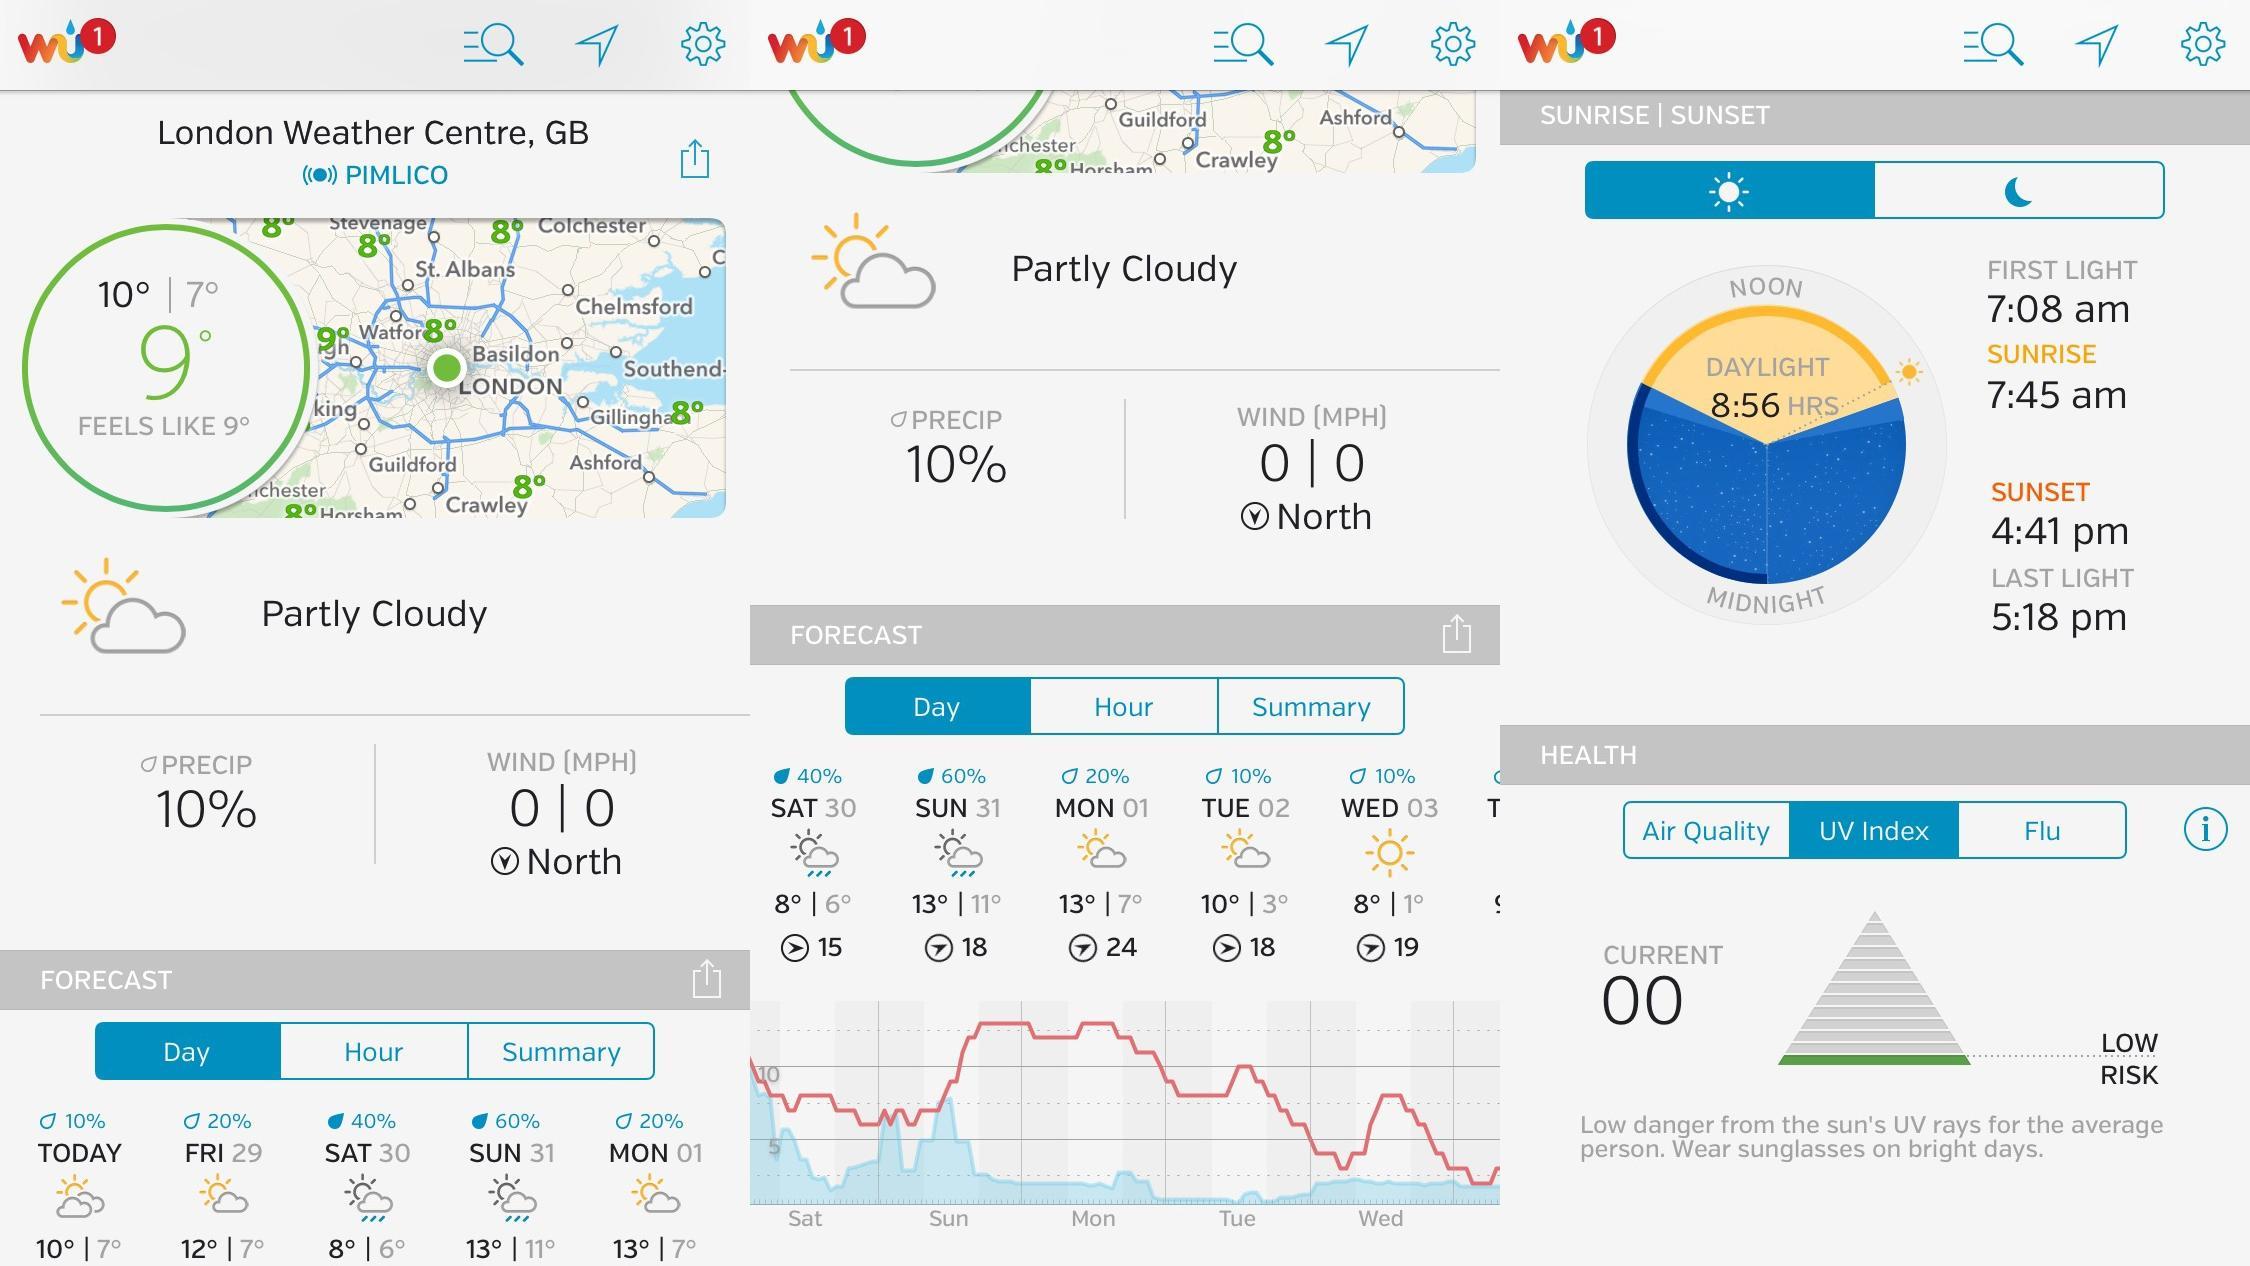 Сайт с самым точным прогнозом погоды: Weather Underground